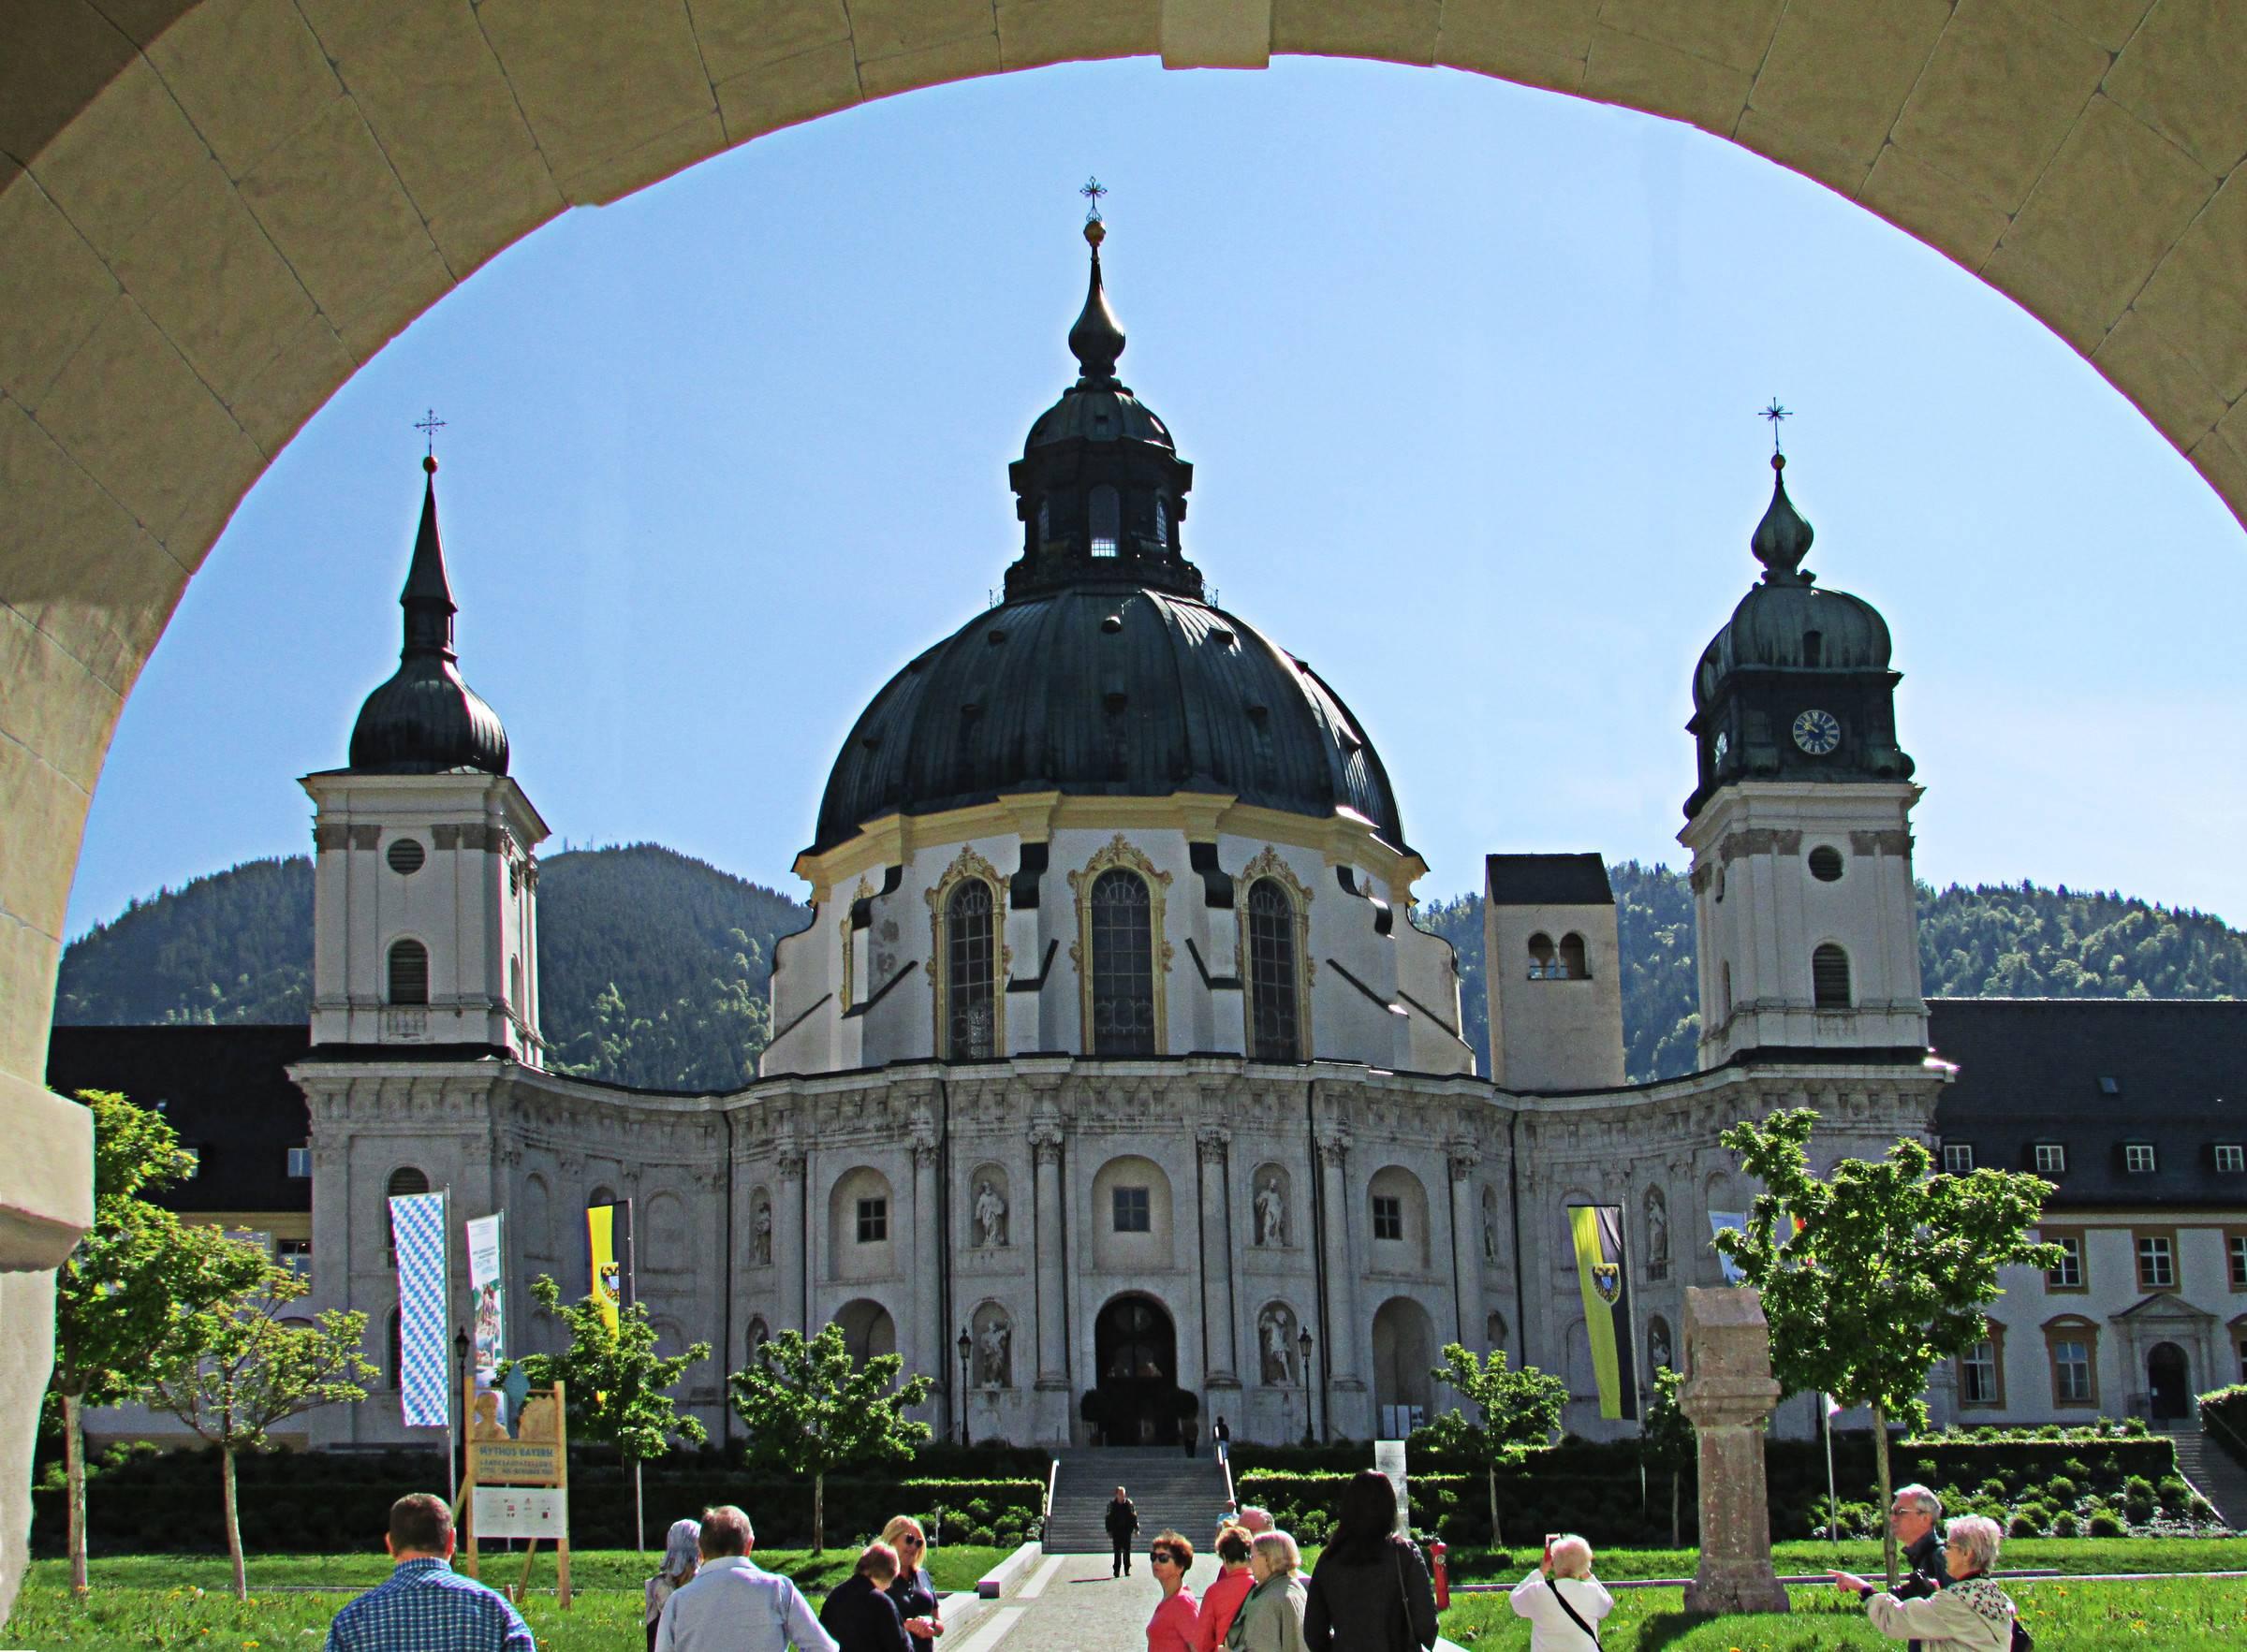 Монастырь этталь, обераммергау (германия): история, фото, как добраться, адрес на карте и время работы в 2021